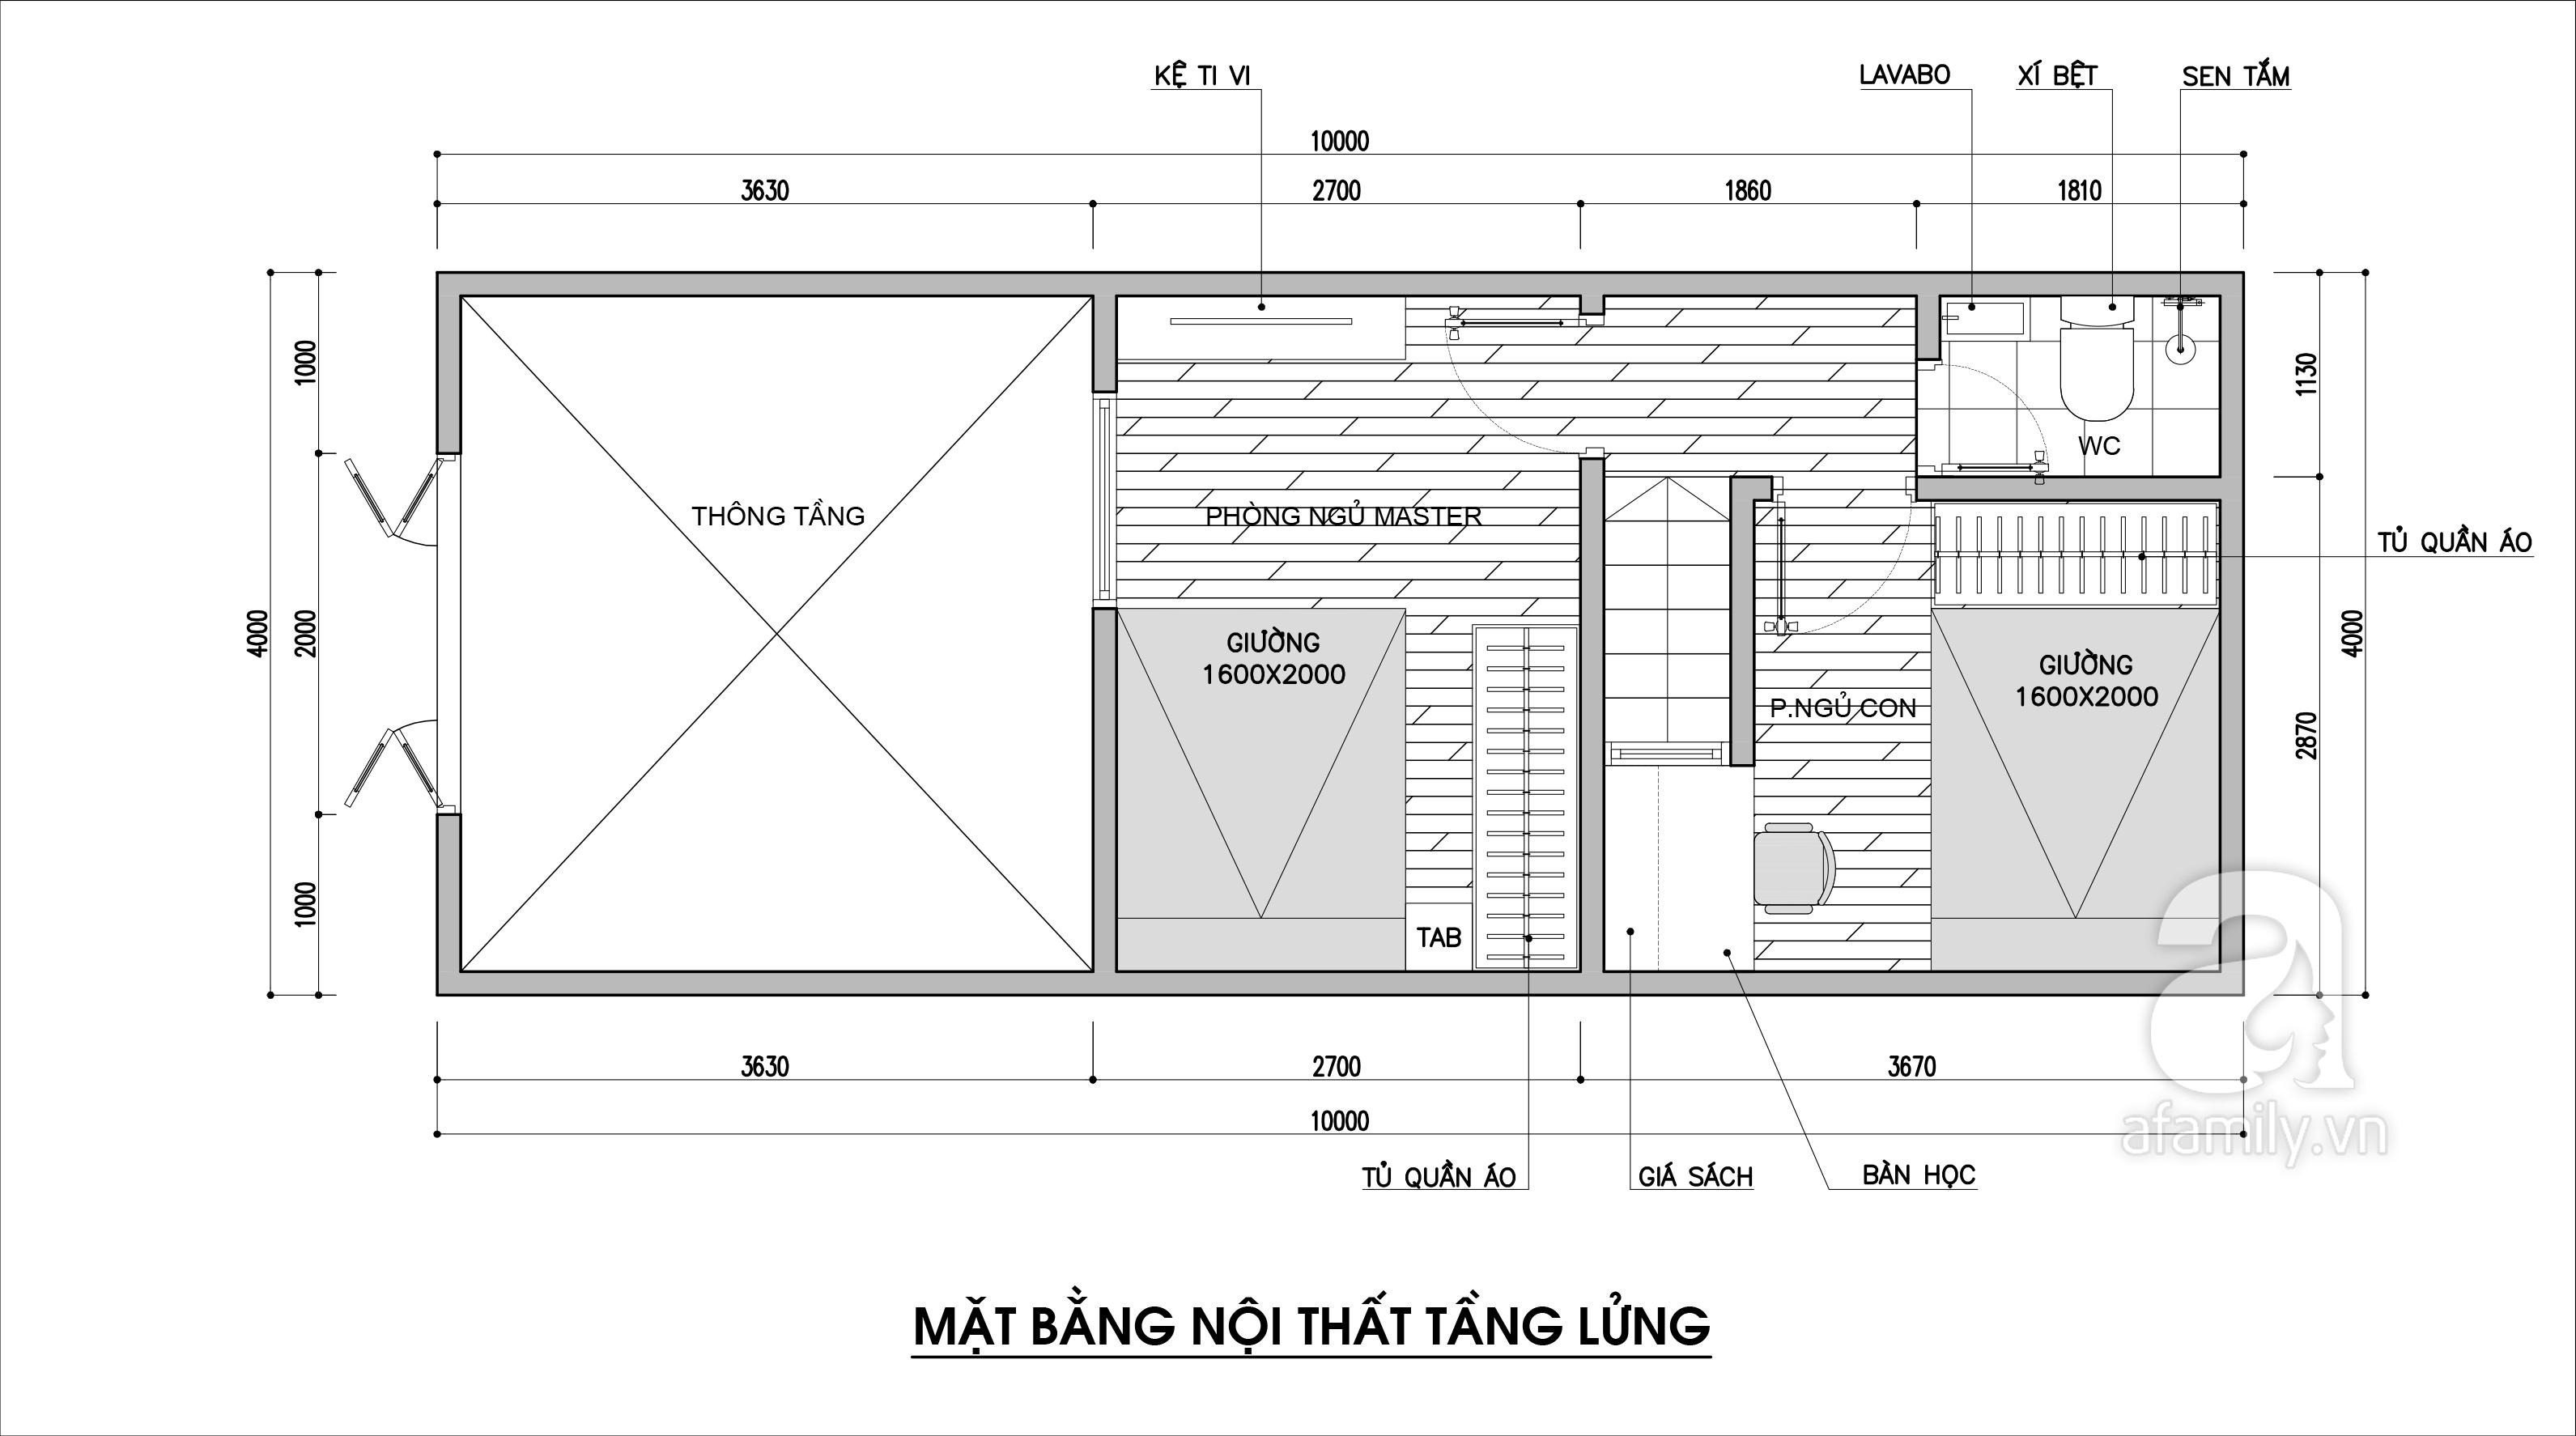 Tư vấn thiết kế cho nhà phố cấp 4 có diện tích nhỏ chỉ 4x10m với chi phí 90 triệu đồng - Ảnh 3.